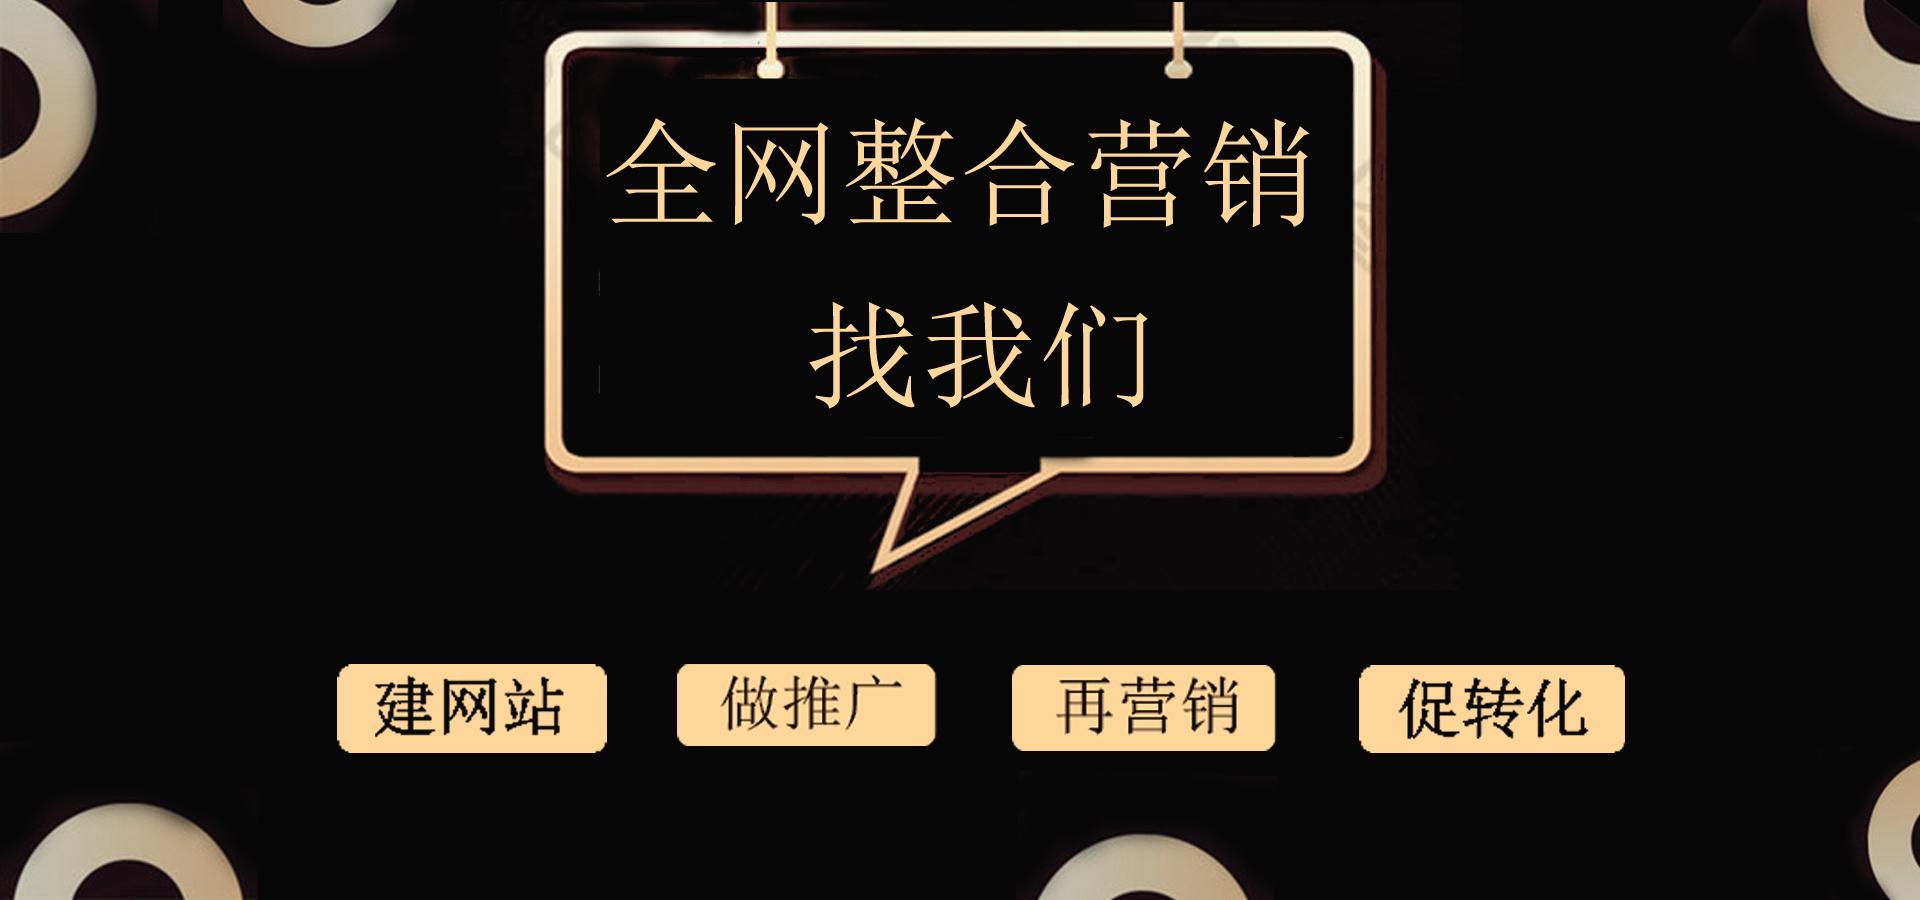 T云網絡營銷